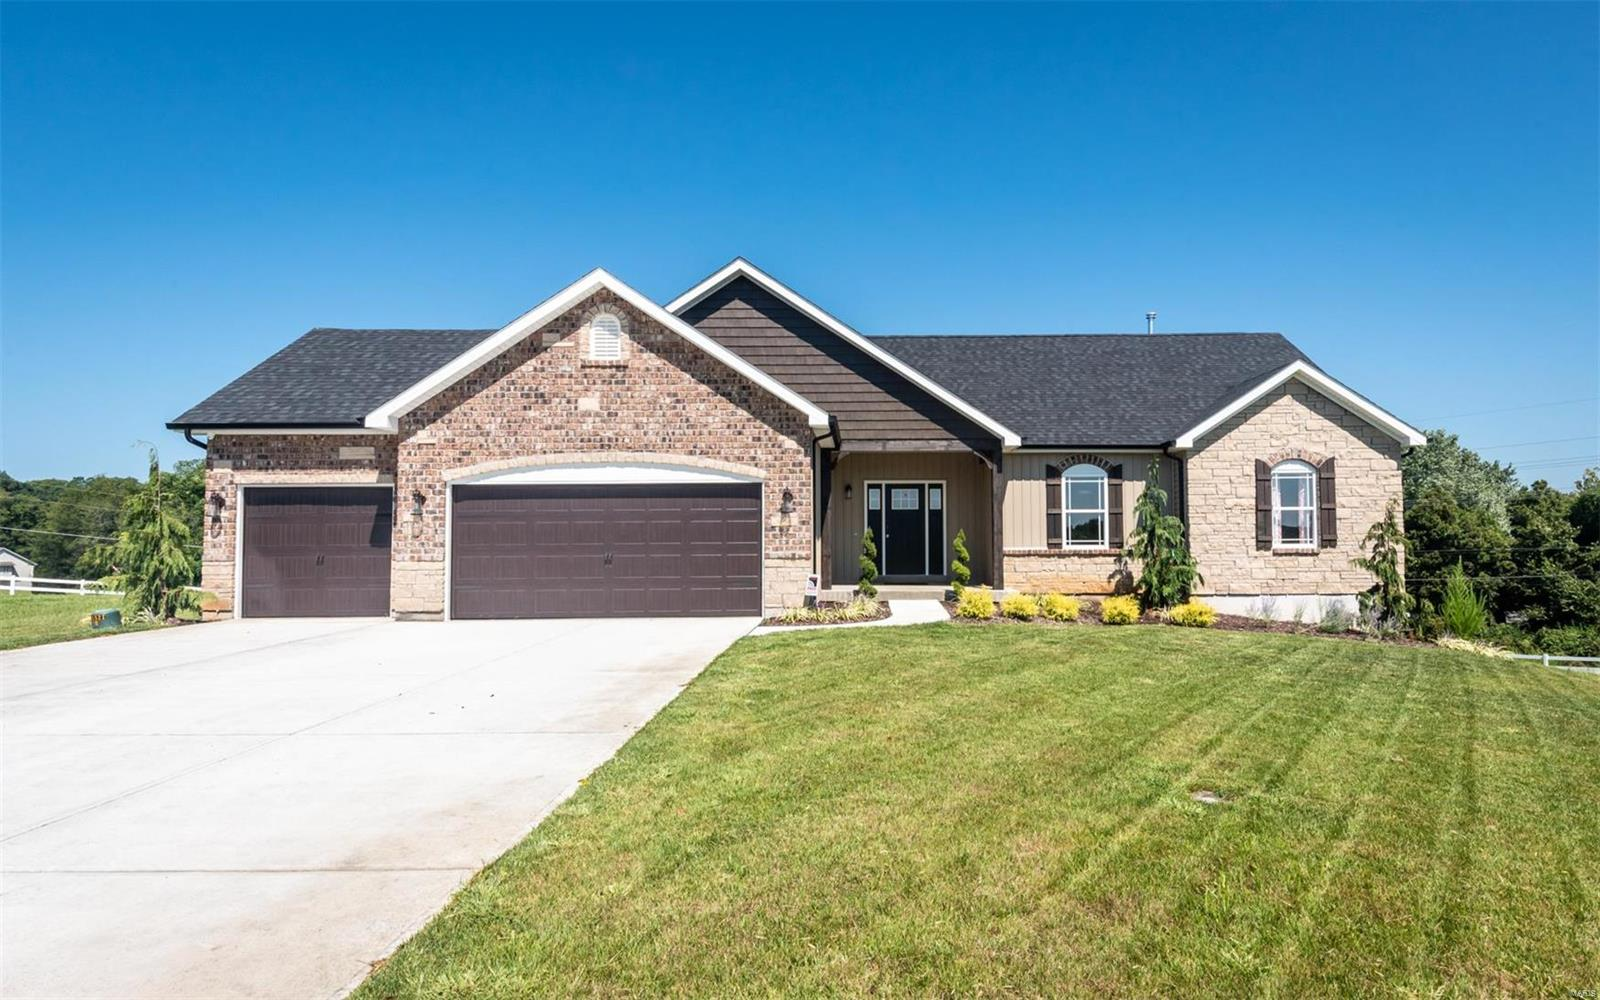 66 Timber Wolf/Hazeltine Property Photo - Festus, MO real estate listing